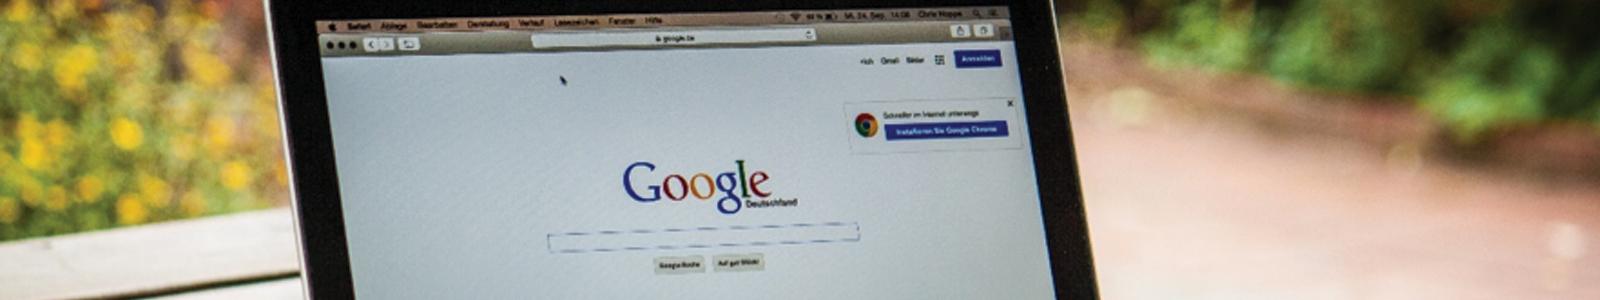 Laptop con google como buscador conektica